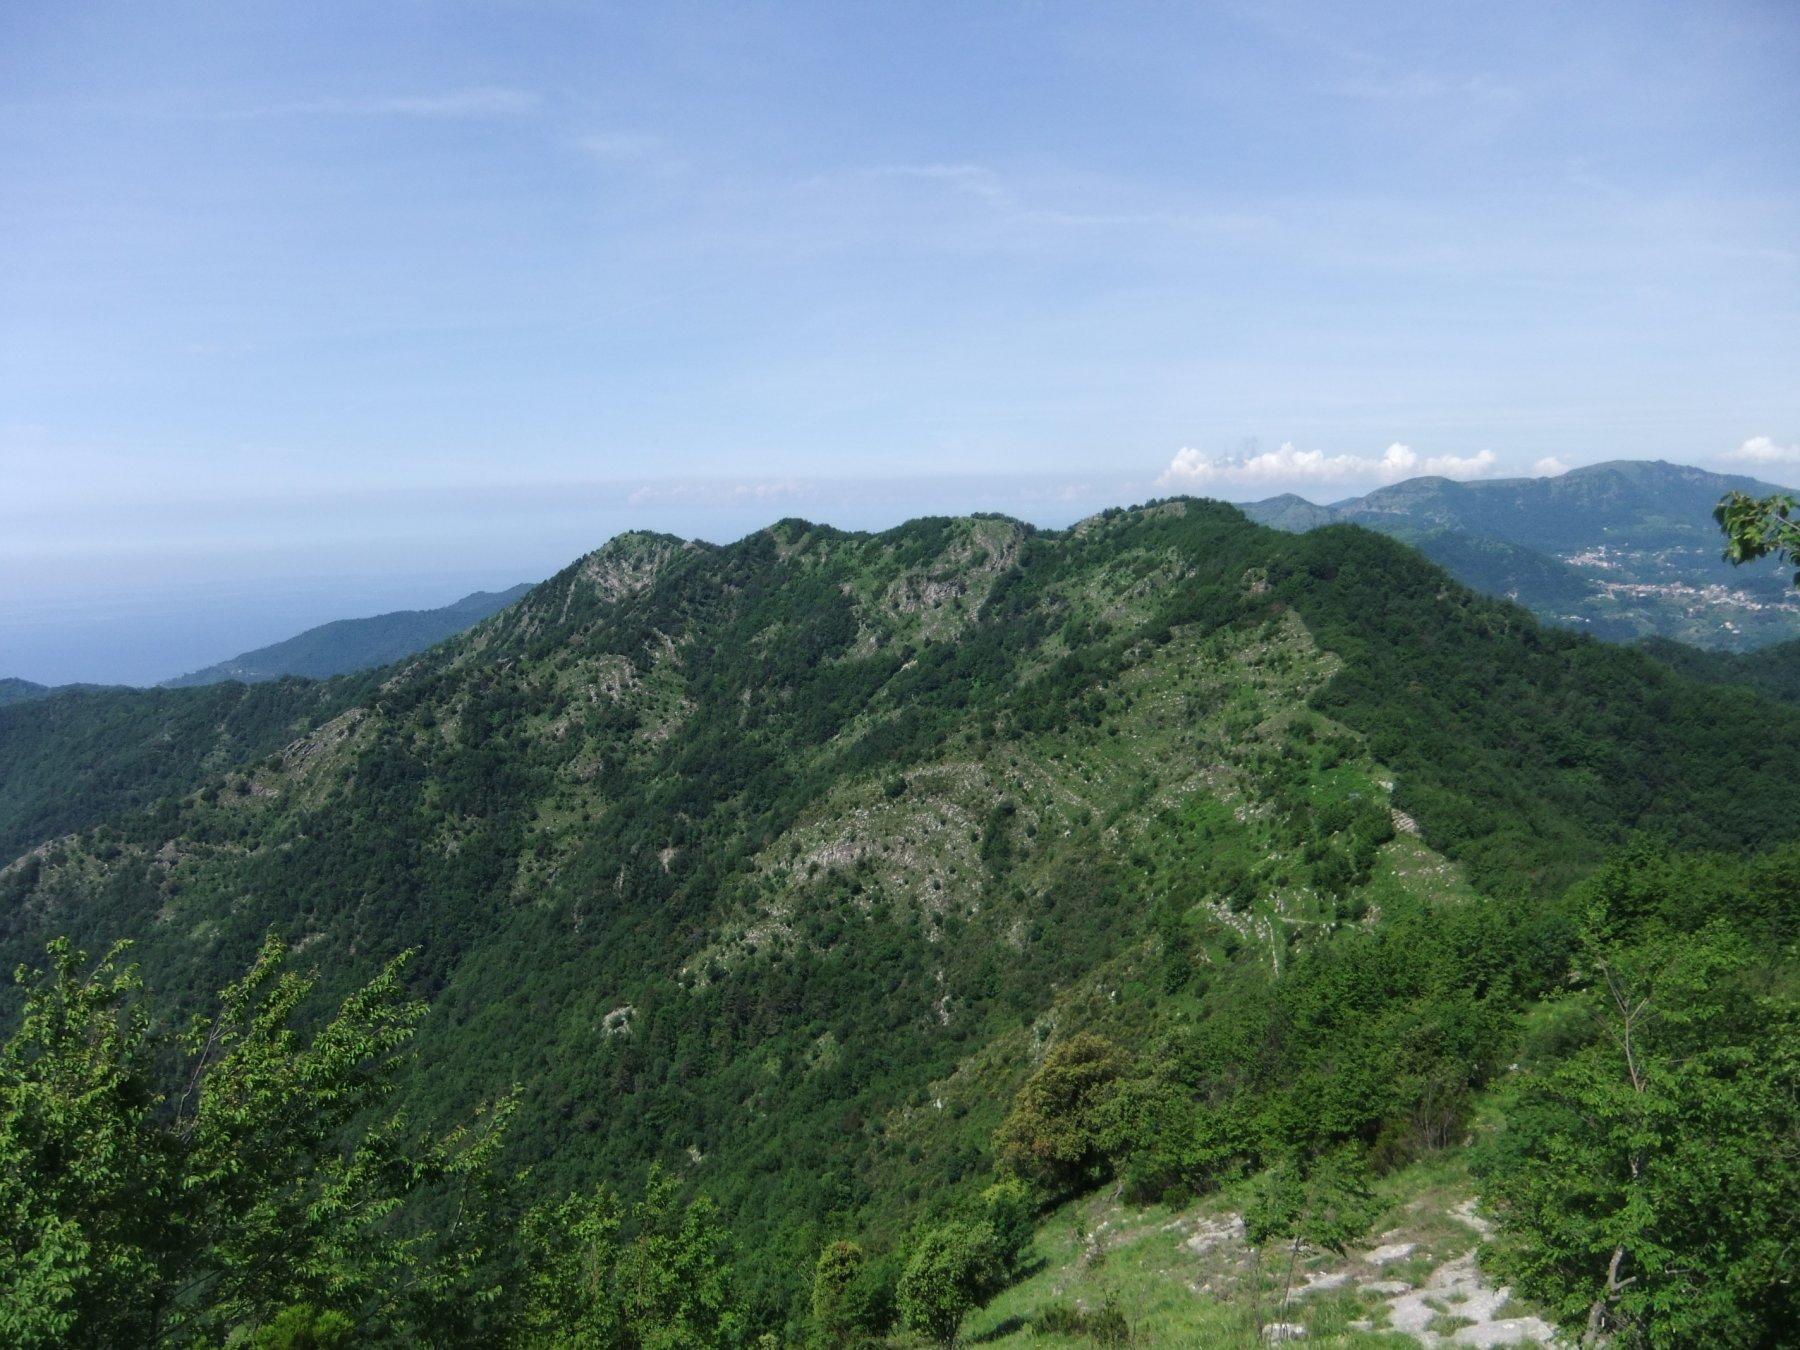 Crinale tra Monte Bello e Monte Borgo